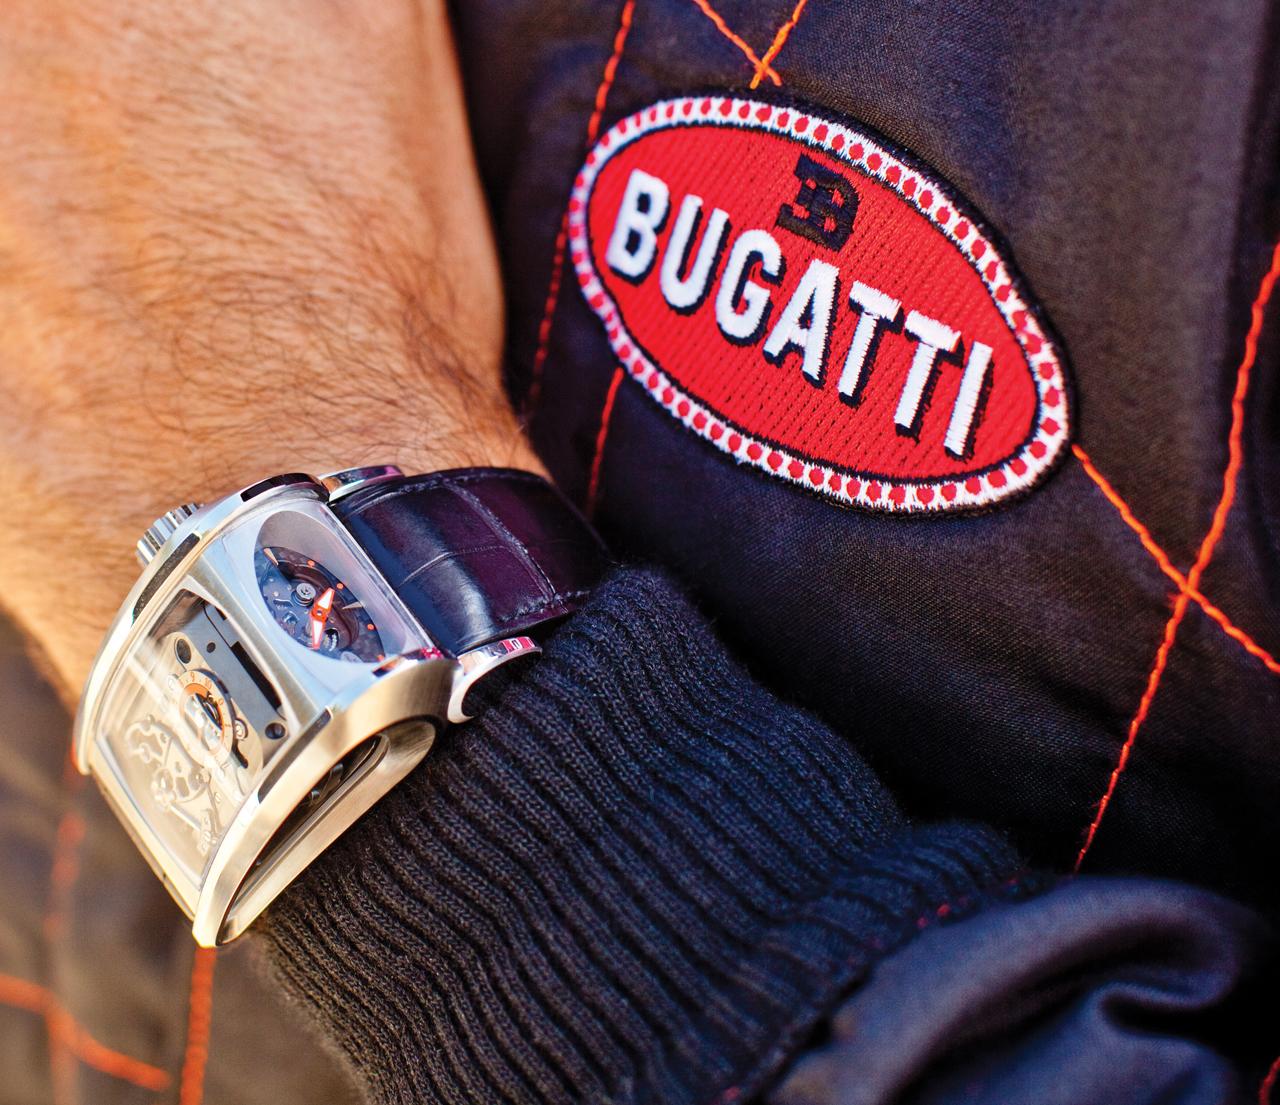 Est-ce bien la nouvelle Parmigiani Fleurier BUGATTI??? S0-Bugatti-Veyron-16-4-Supersport-Les-photos-officielles-du-record-185745